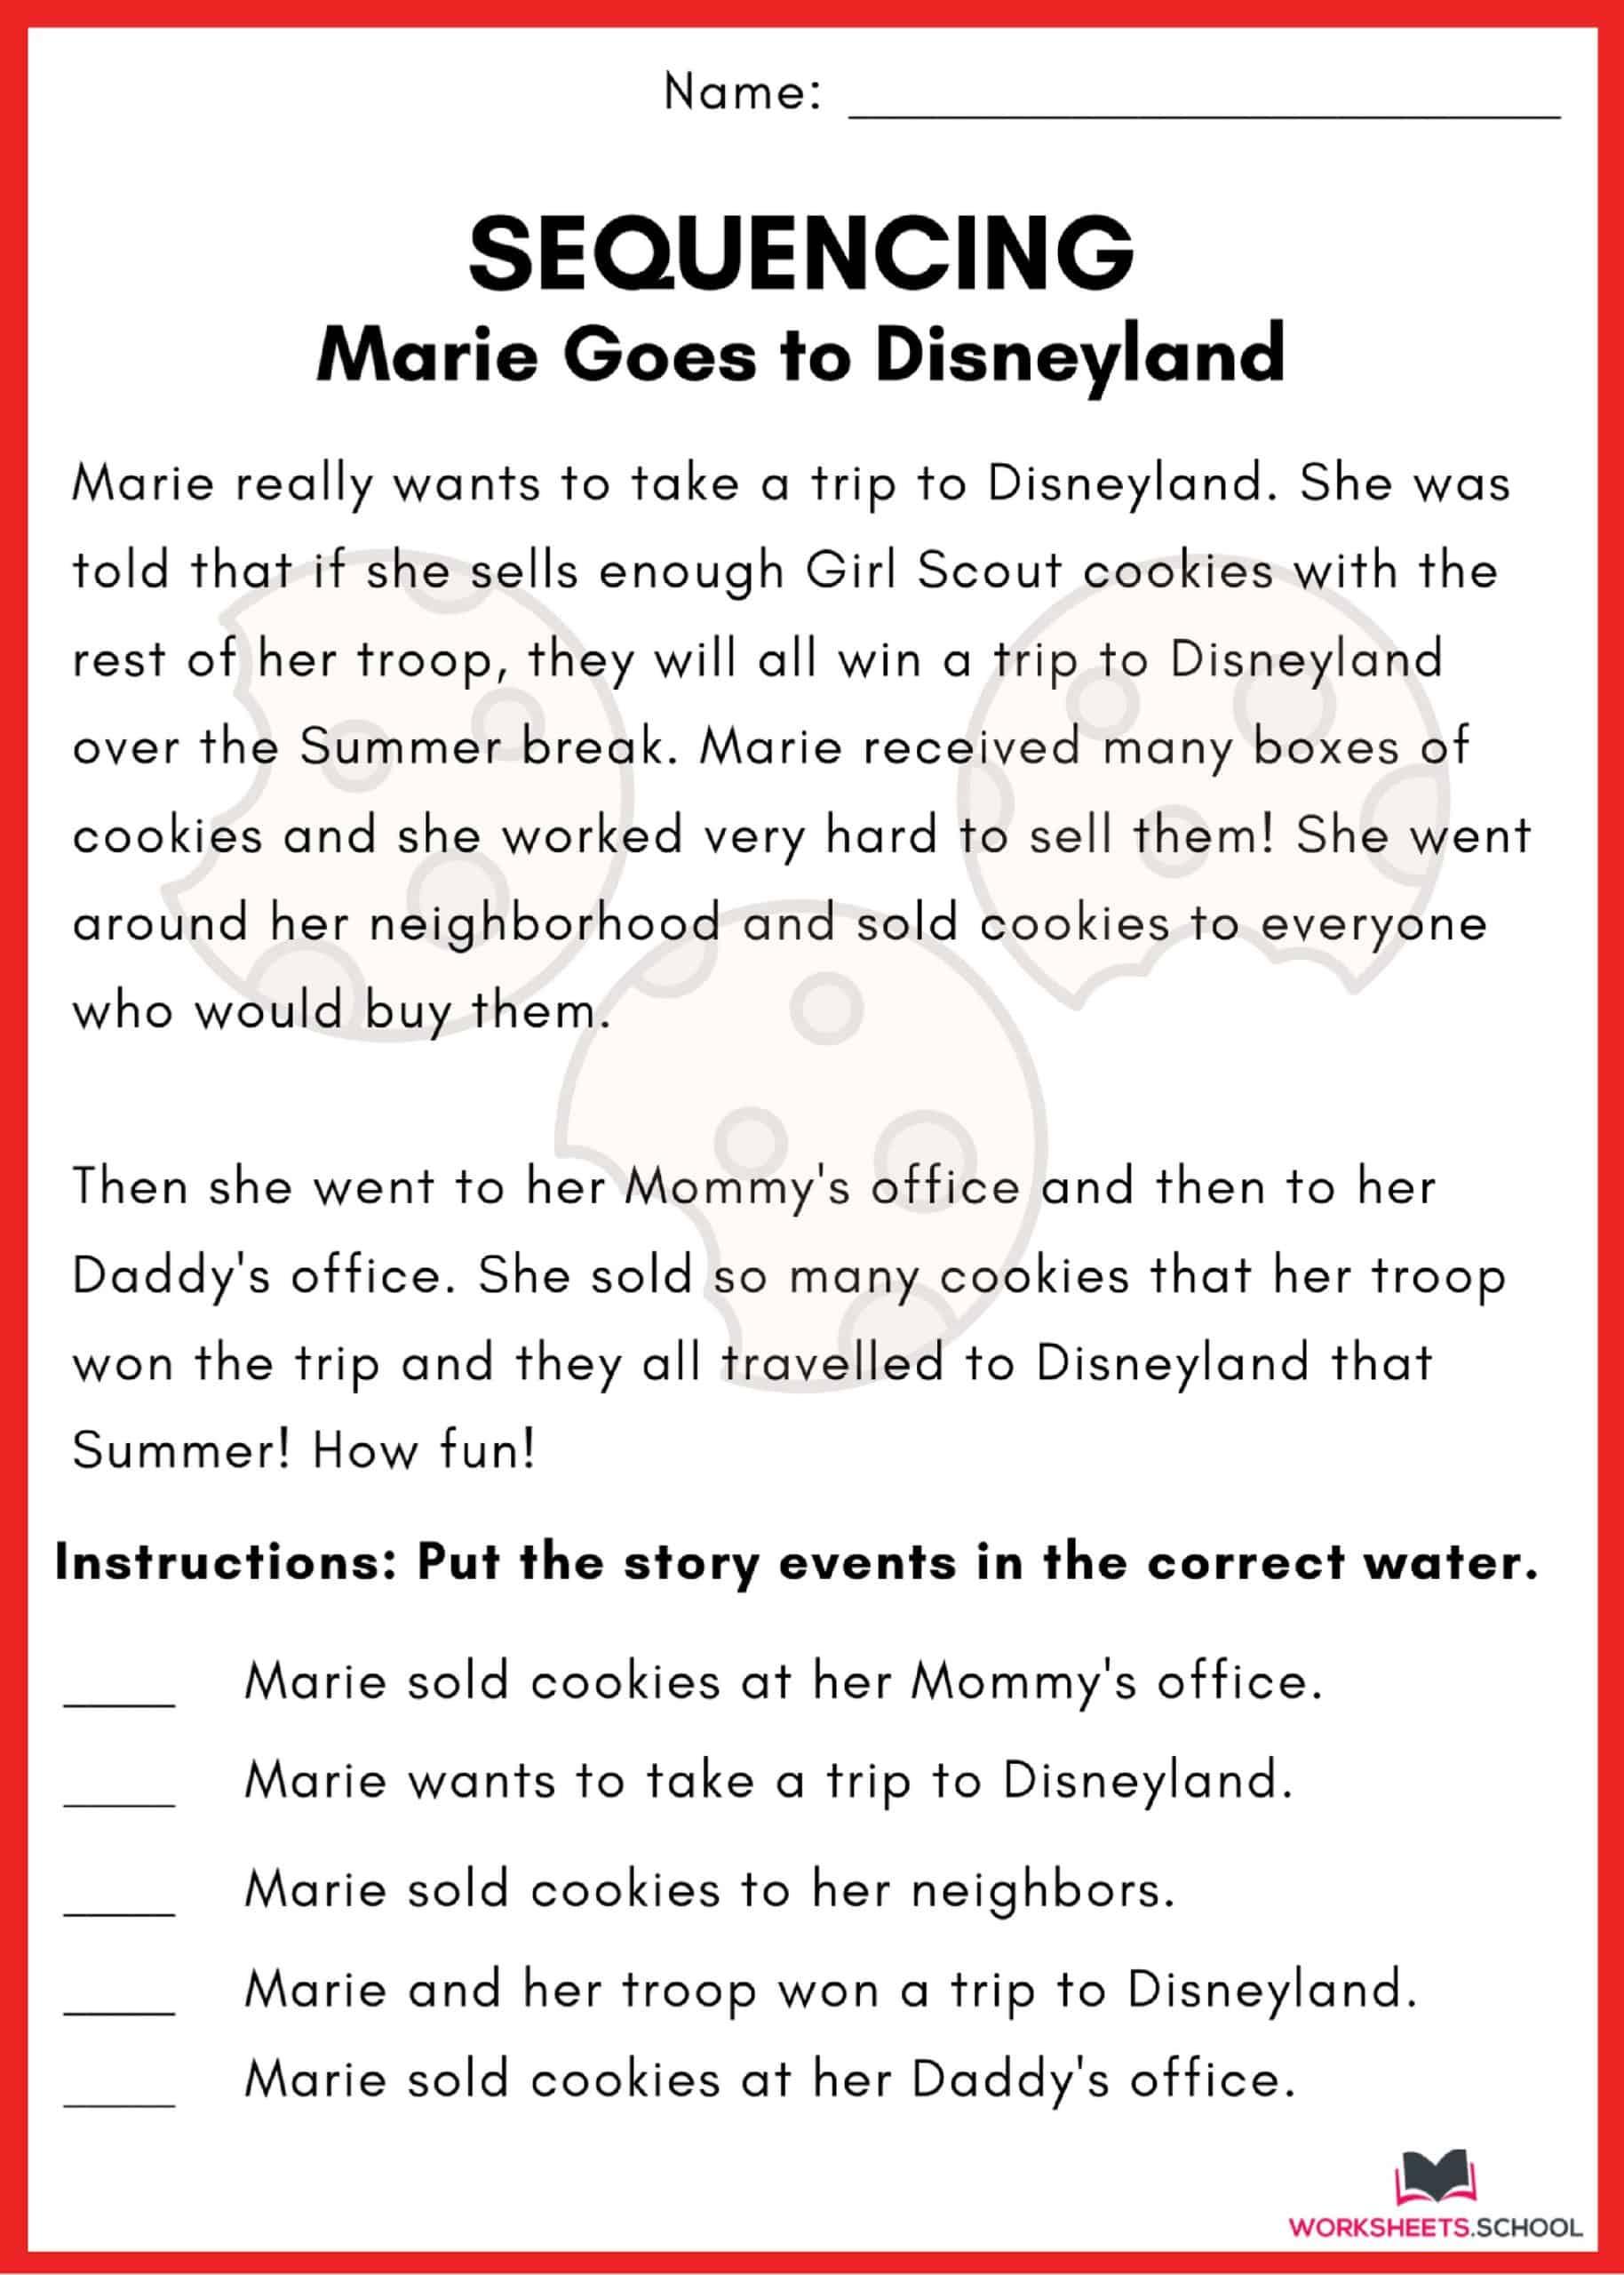 Sequencing Worksheet - Disneyland